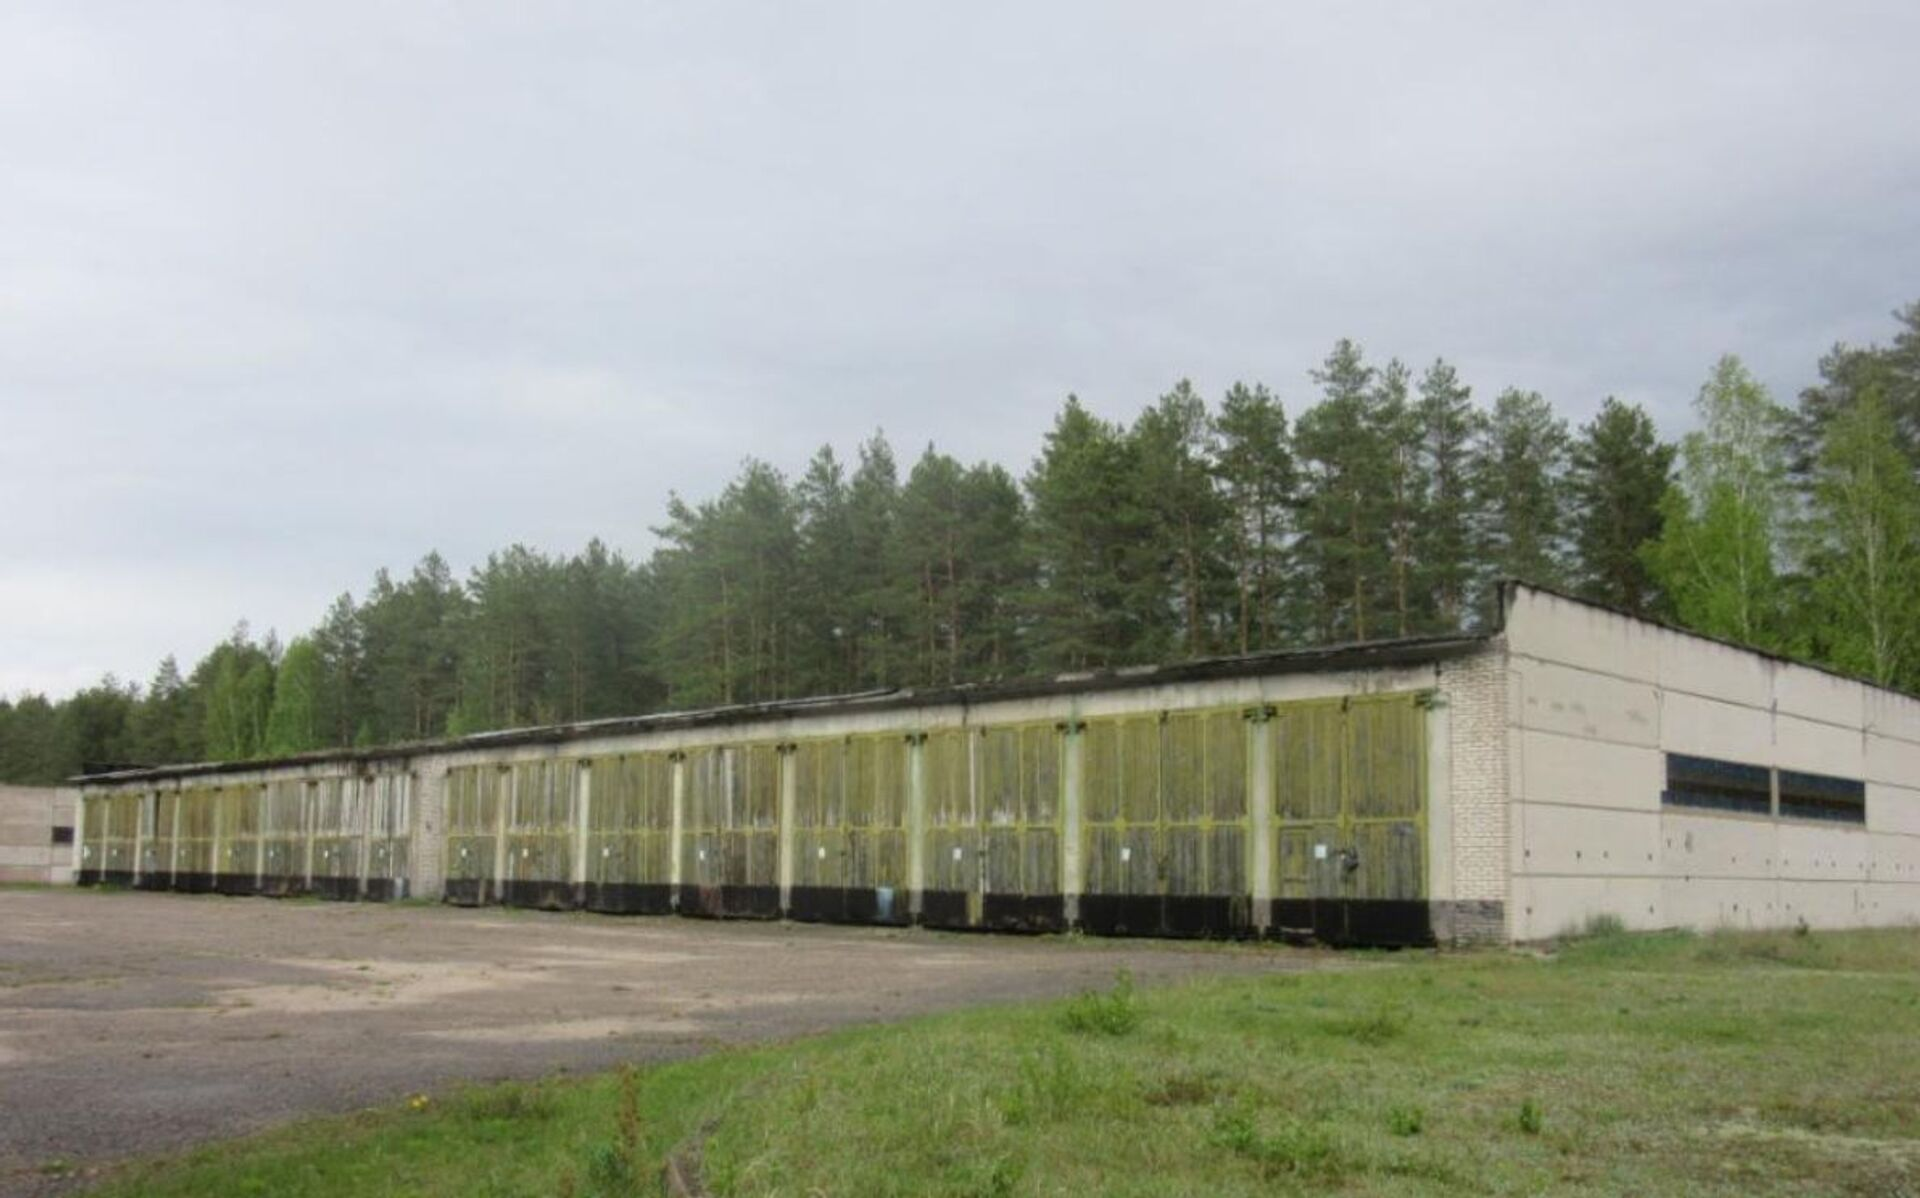 Воинскую часть выставили на аукцион в Беларуси: цена вопроса – 250 долларов - Sputnik Беларусь, 1920, 15.03.2021